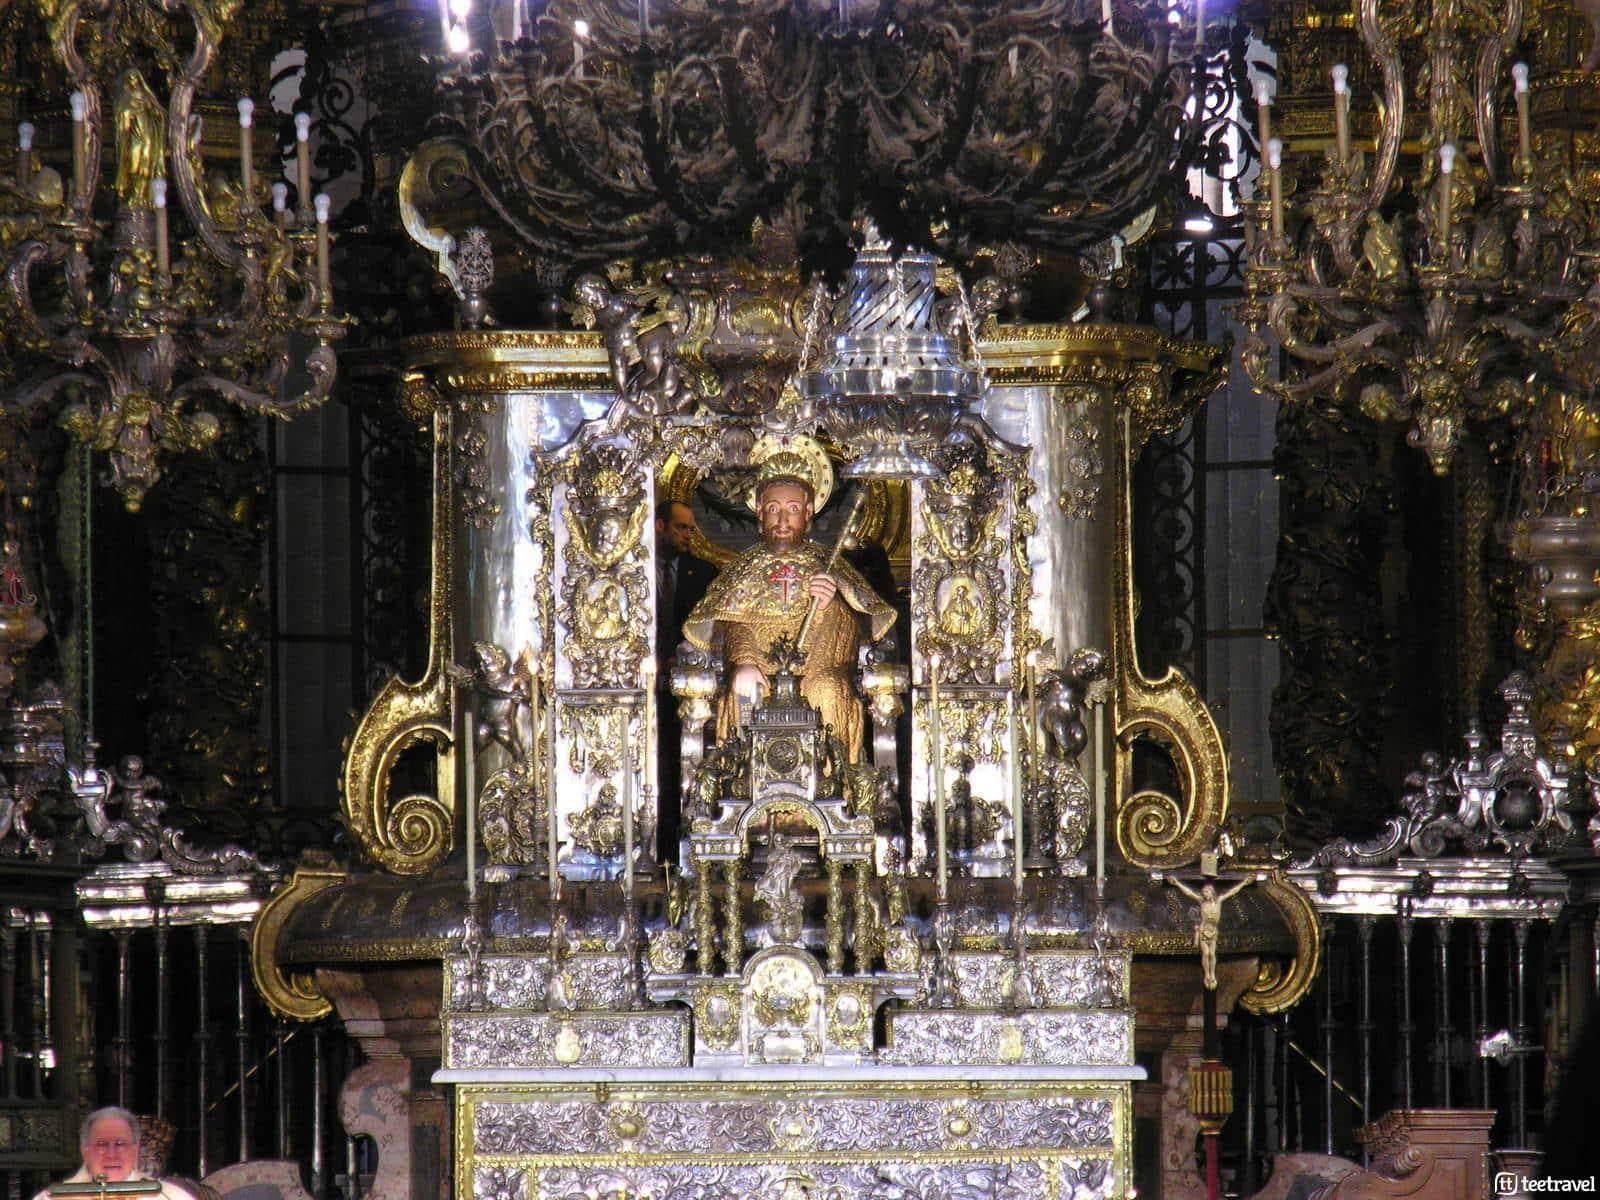 Fiestas del Apóstol: ofrenda y botafumeiro en honor al Apóstol dentro de la Catedral © GFDL-Luis Miguel Bugallo Sánchez (Lmbuga Commons)